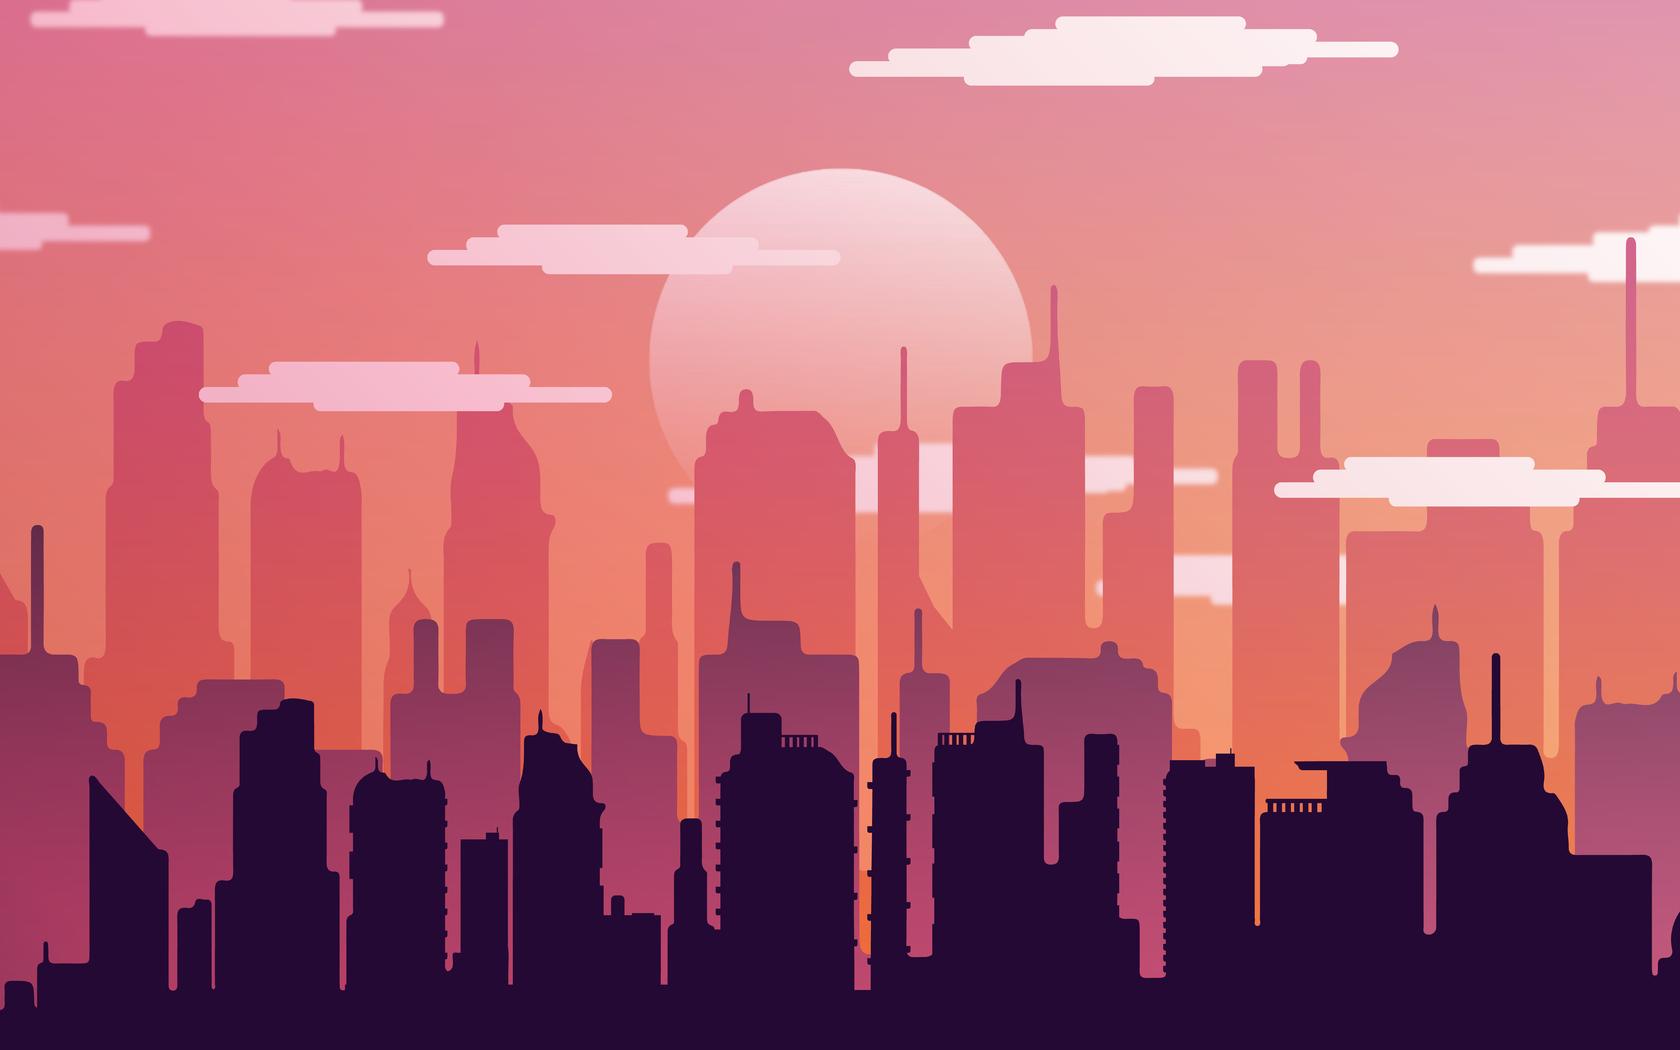 buildings-city-silhouette-10k-tk.jpg